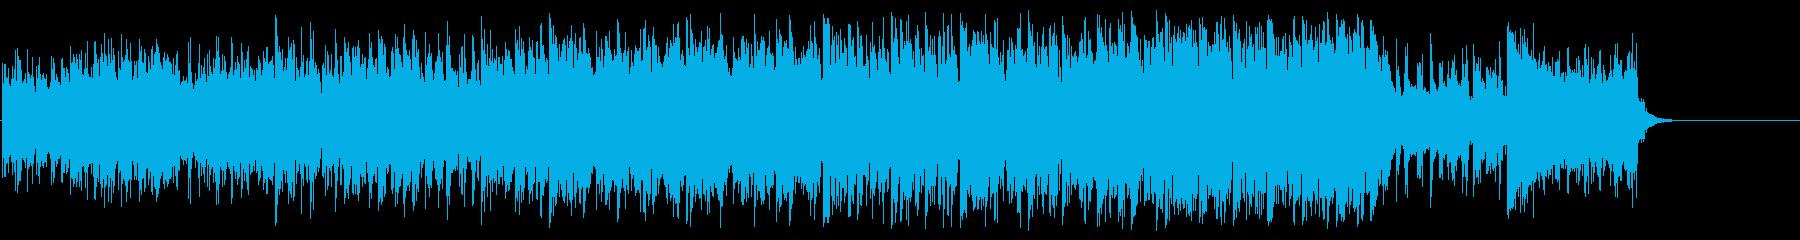 謎 機械 ドキュメント 報道 不思議の再生済みの波形